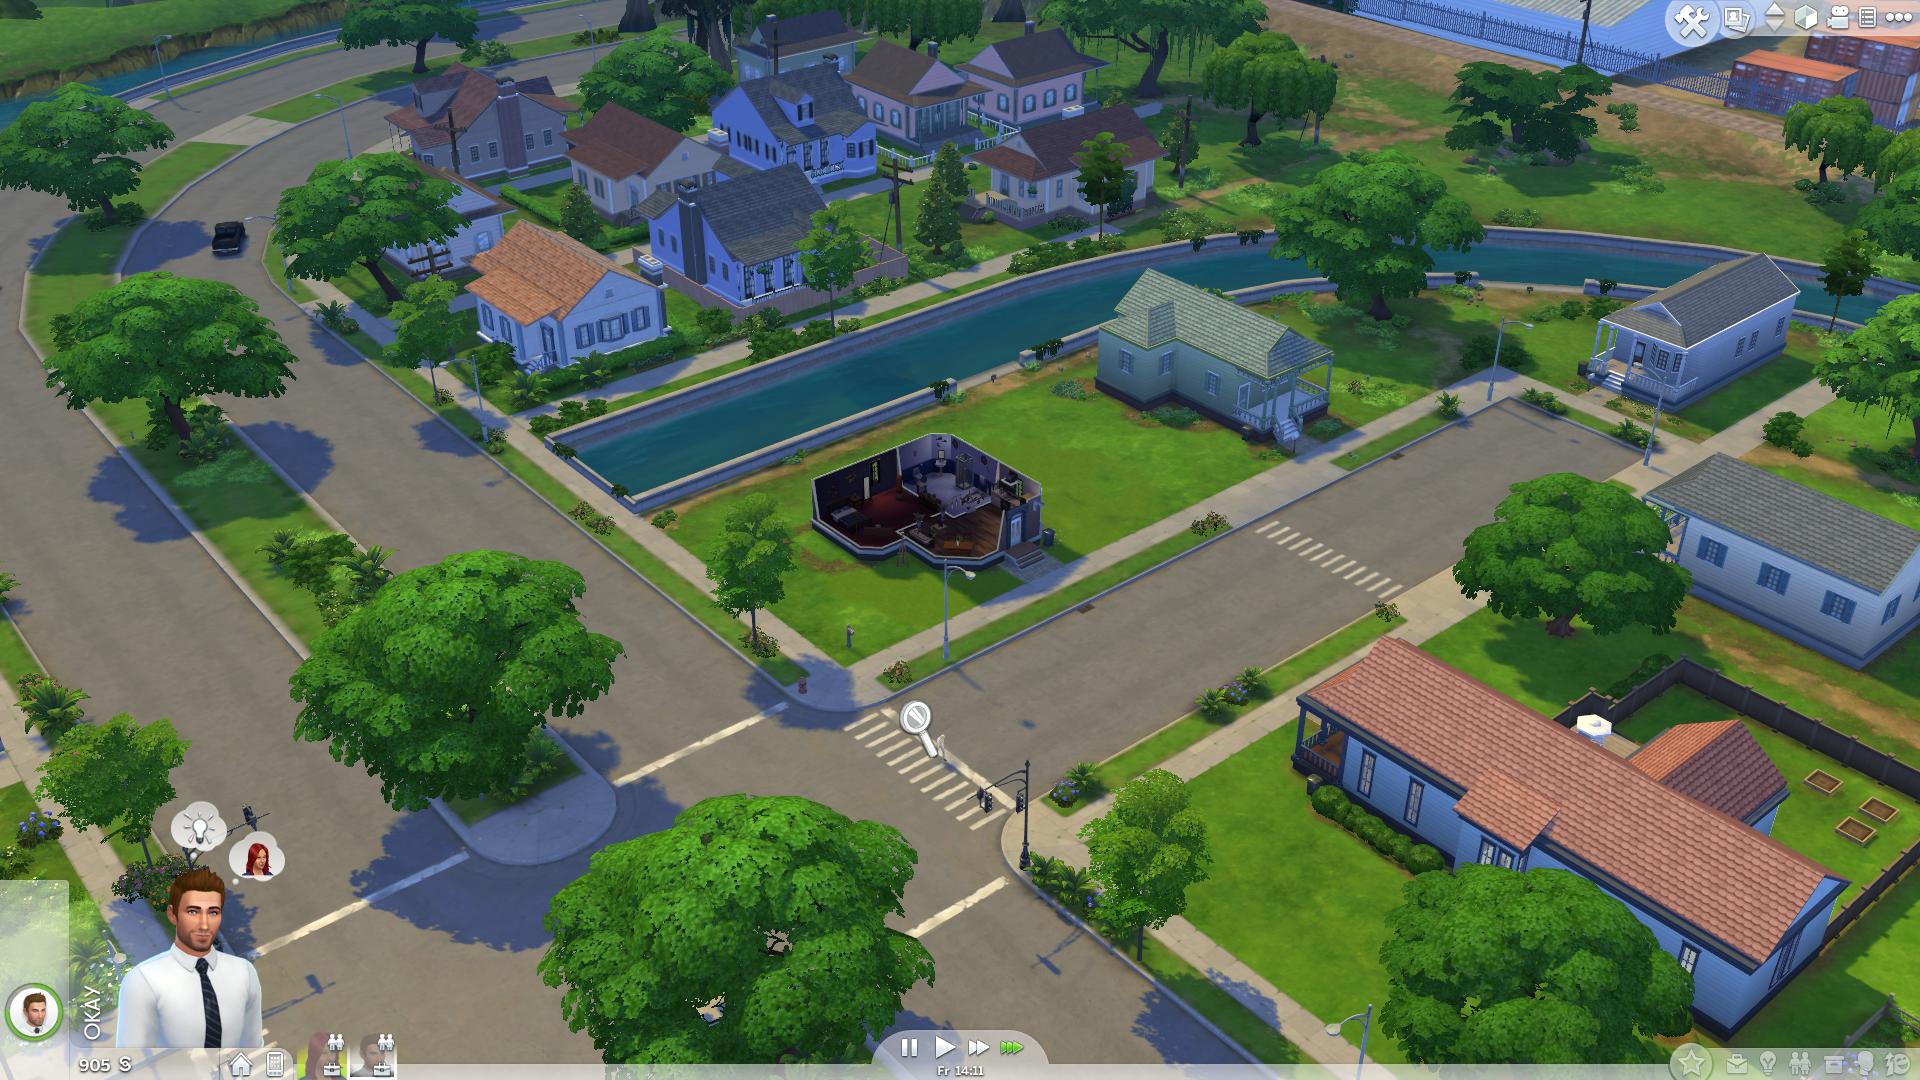 Nicht funktioniert 4 sims cheat freunde Sims 4